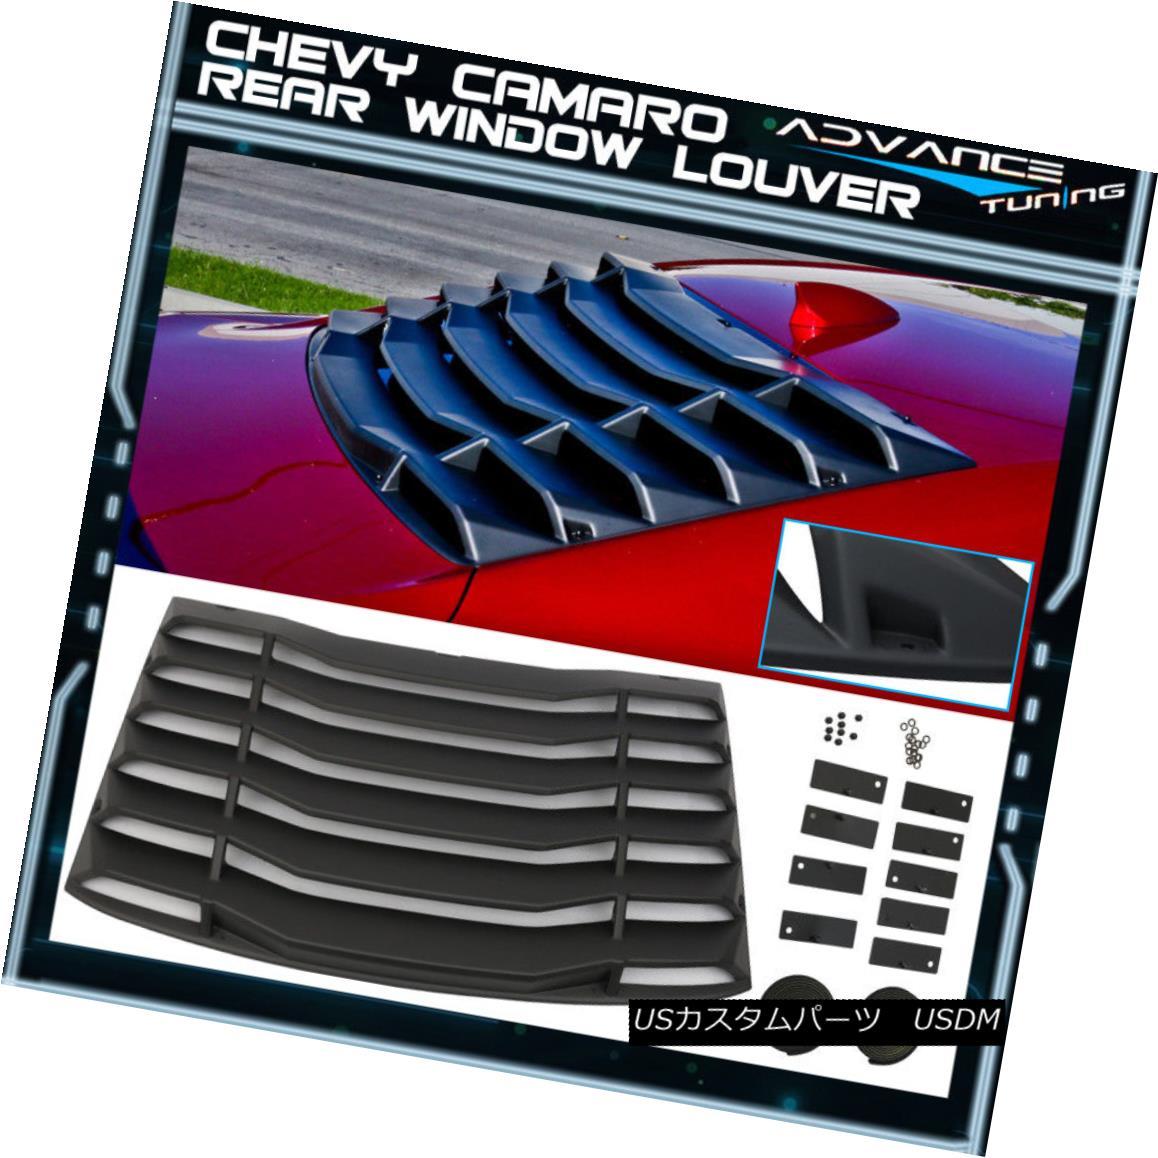 エアロパーツ Fits 16-17 Chevy Camaro IKON Rear Window Louver Cover ABS フィット16-17シェビーカマロIKONリアウィンドウルーバーカバーABS